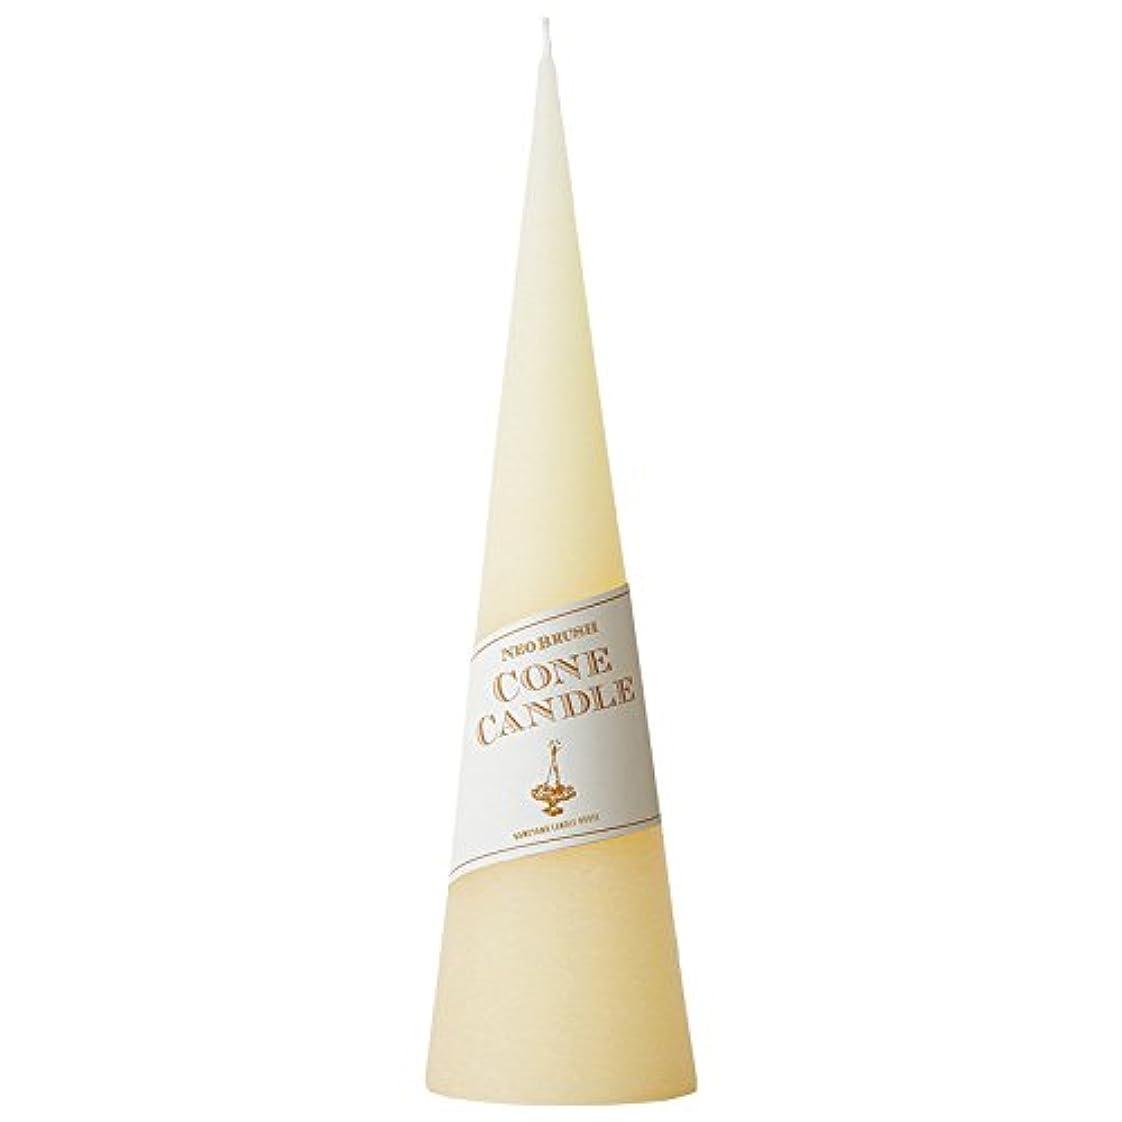 飲料アデレードリップカメヤマキャンドルハウス ネオブラッシュコーン キャンドル 230mm アイボリー